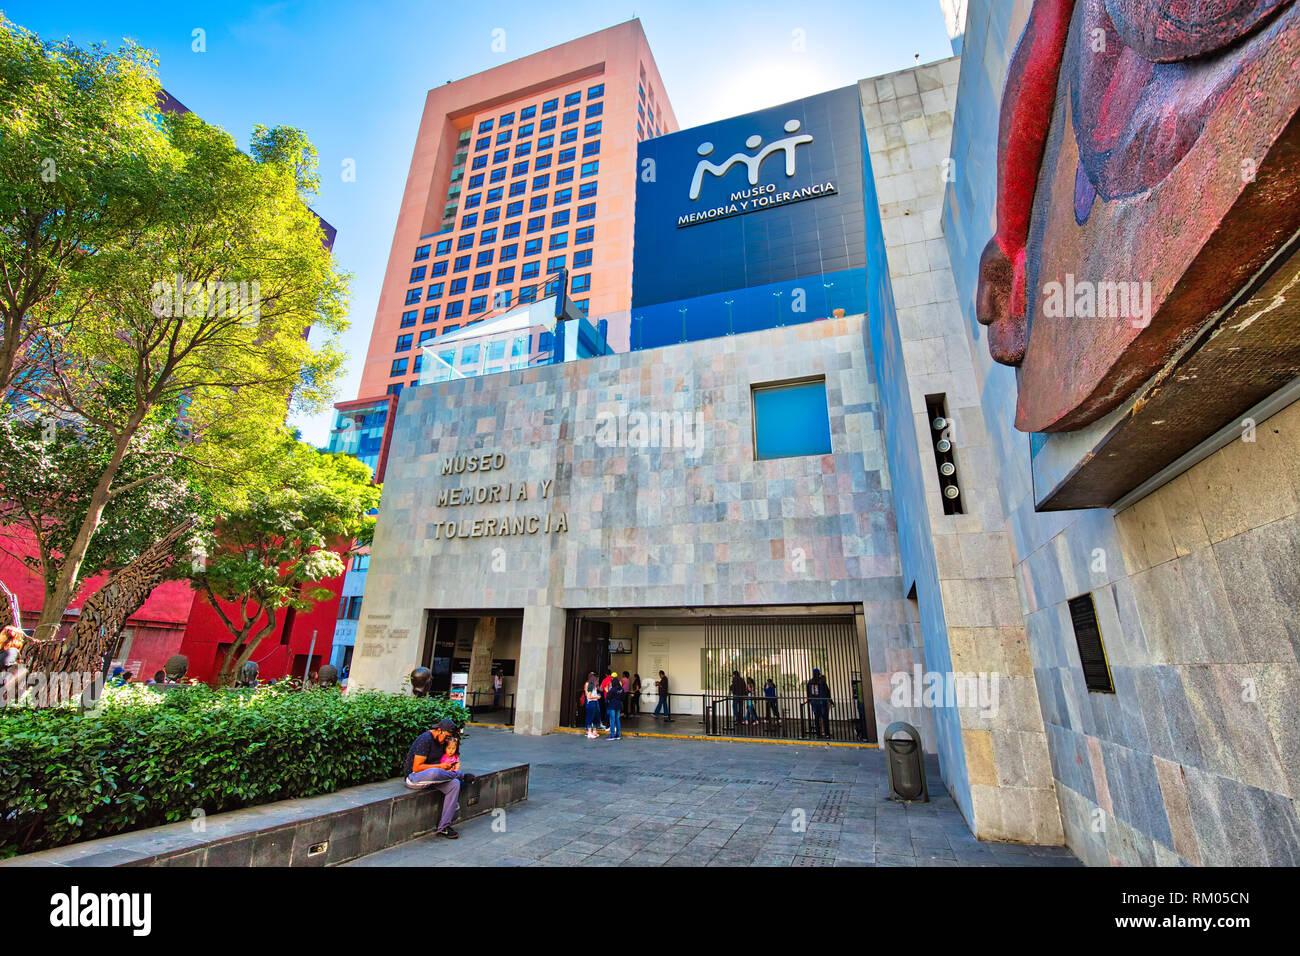 Mexico City, Mexico-2 December, 2018: Museo Memoria y Tolerancia (Memory and Tolerance museum) in Mexico city featuring contemporary exhibits - Stock Image